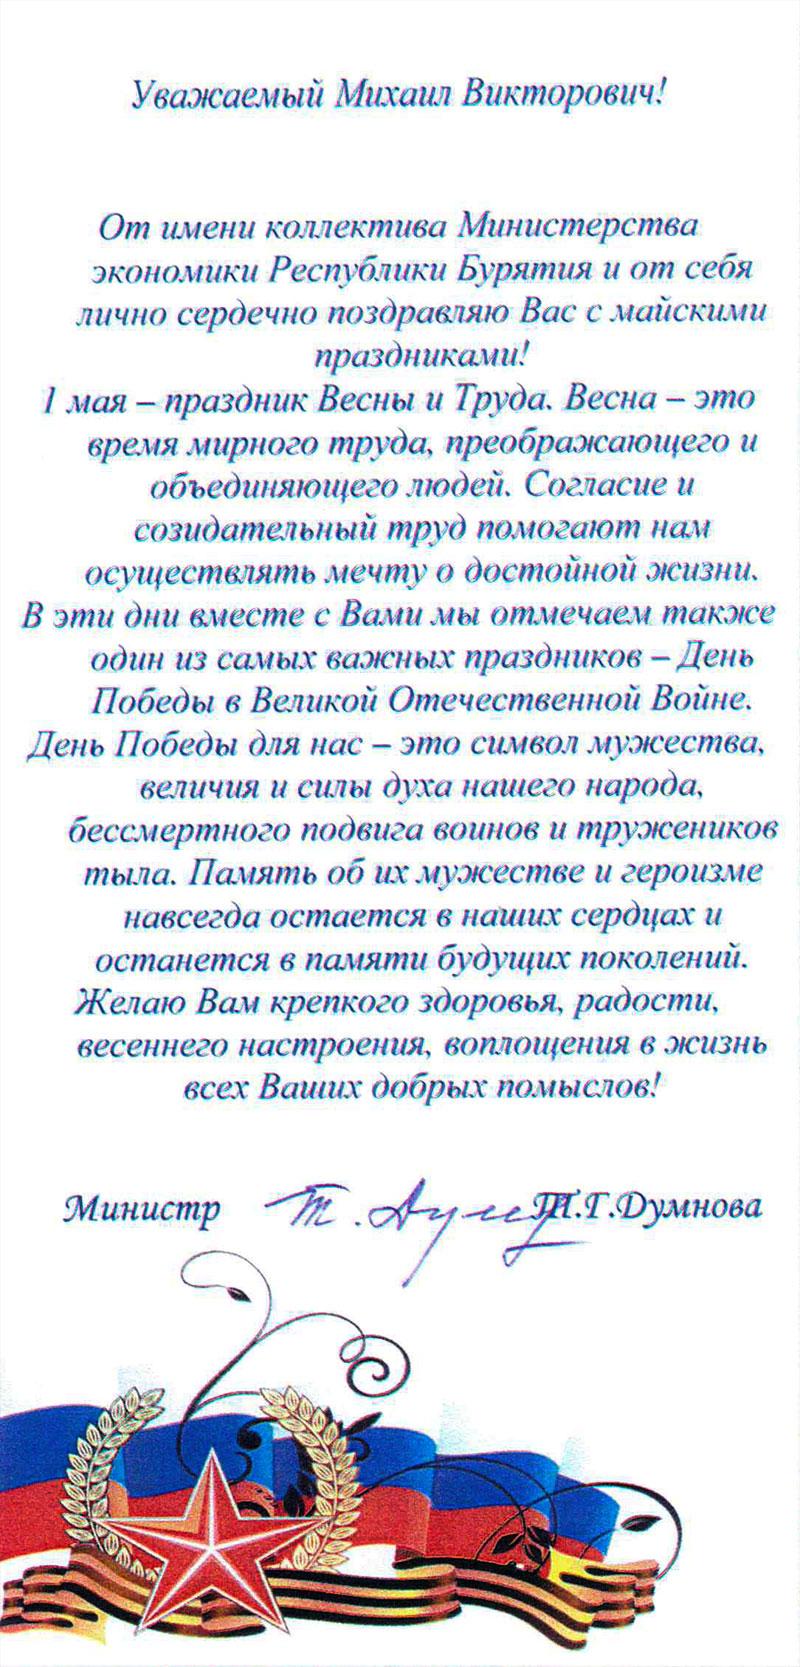 Поздравление от министра экономики